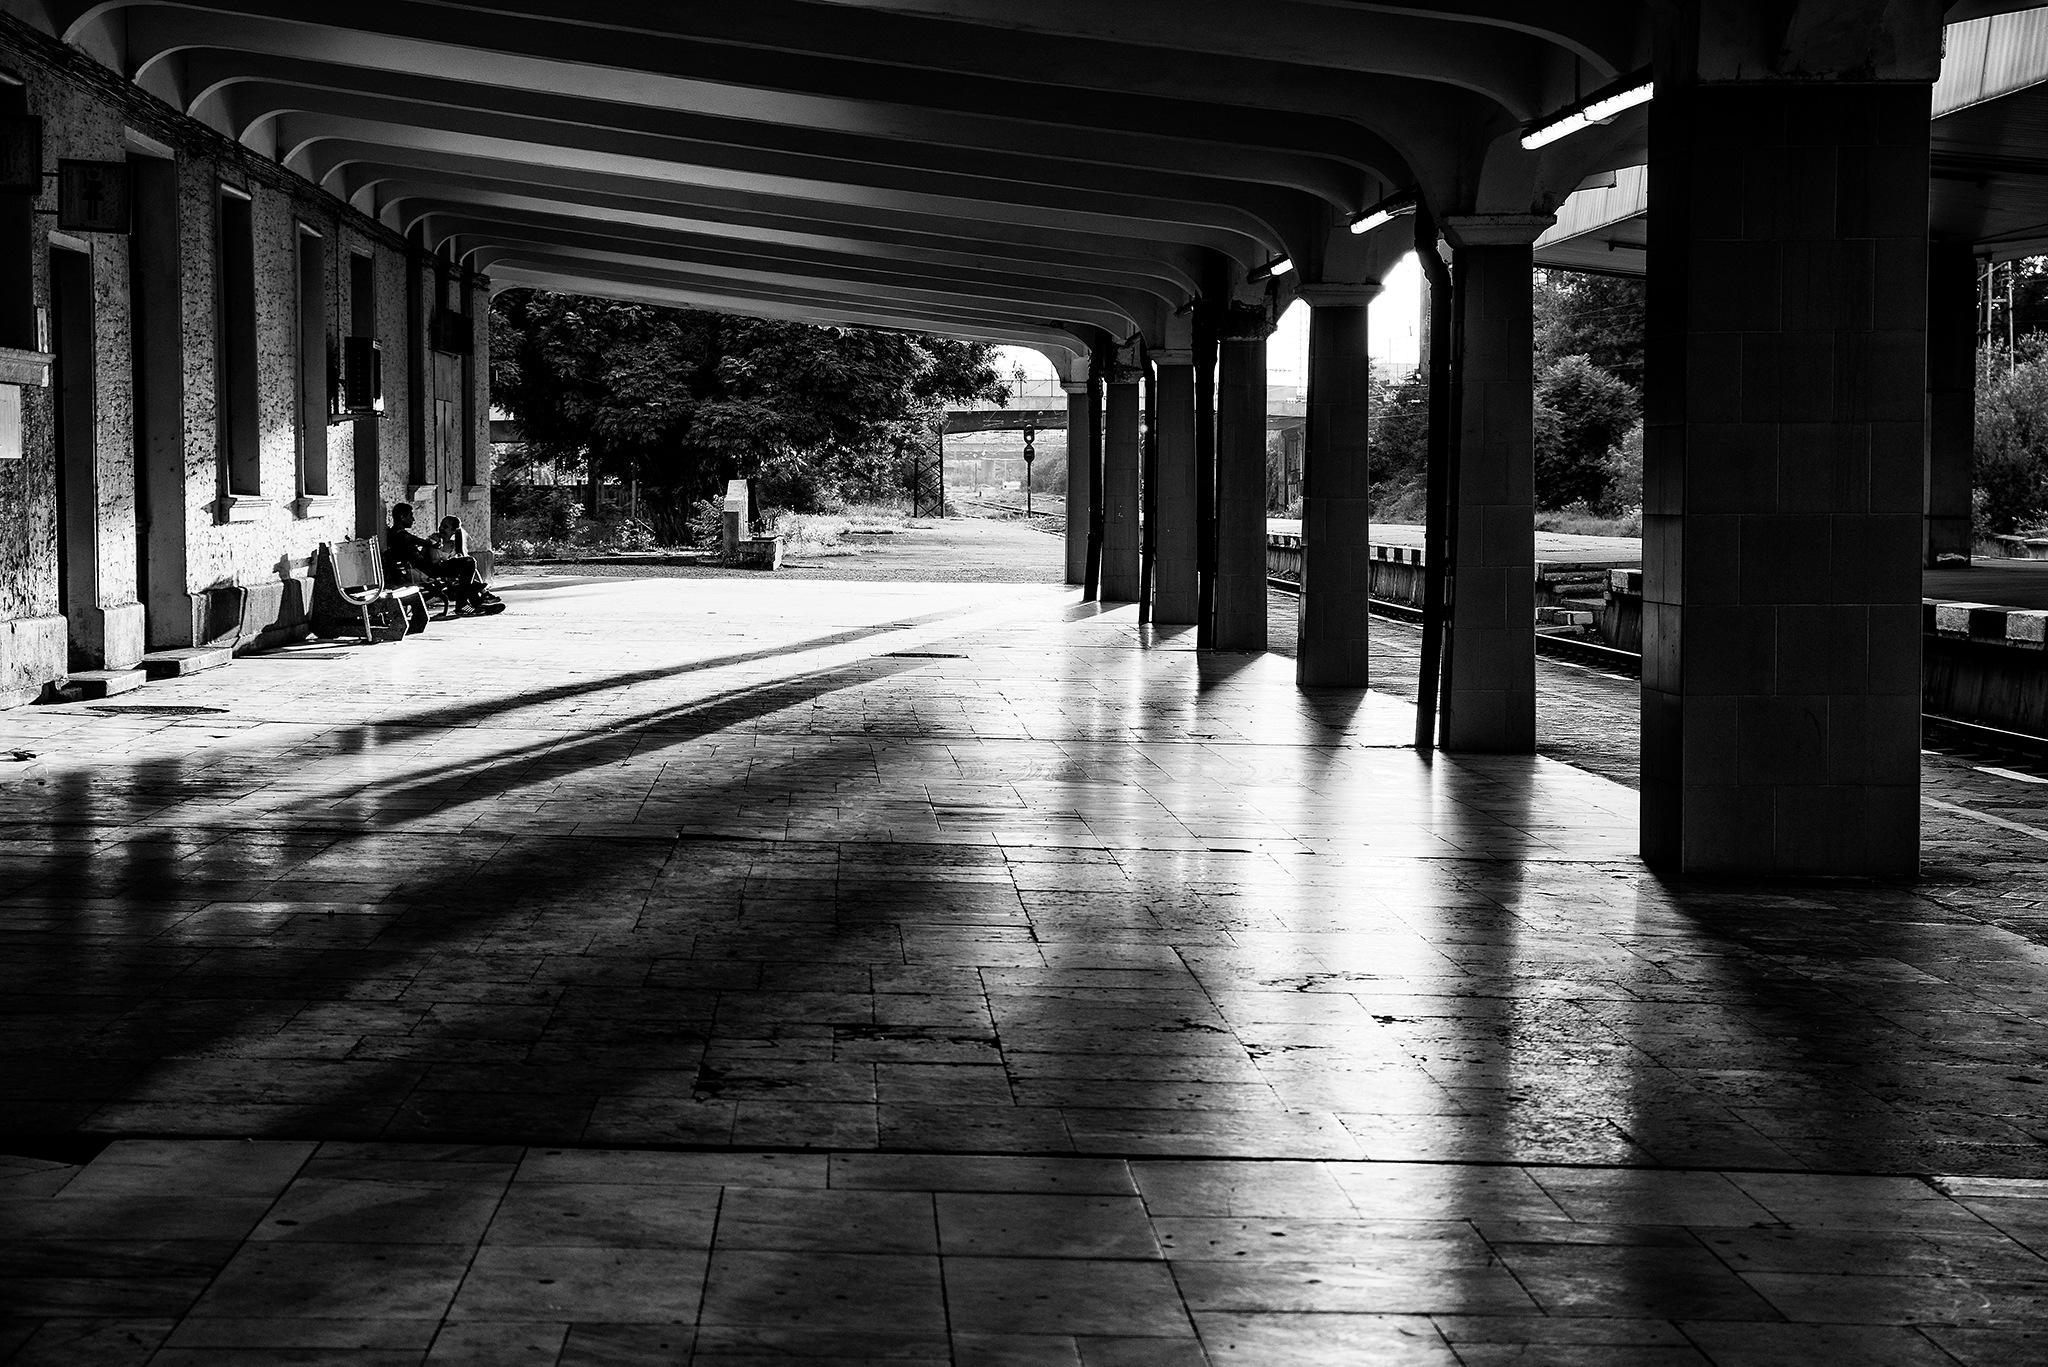 Podouyane Station by White Raven